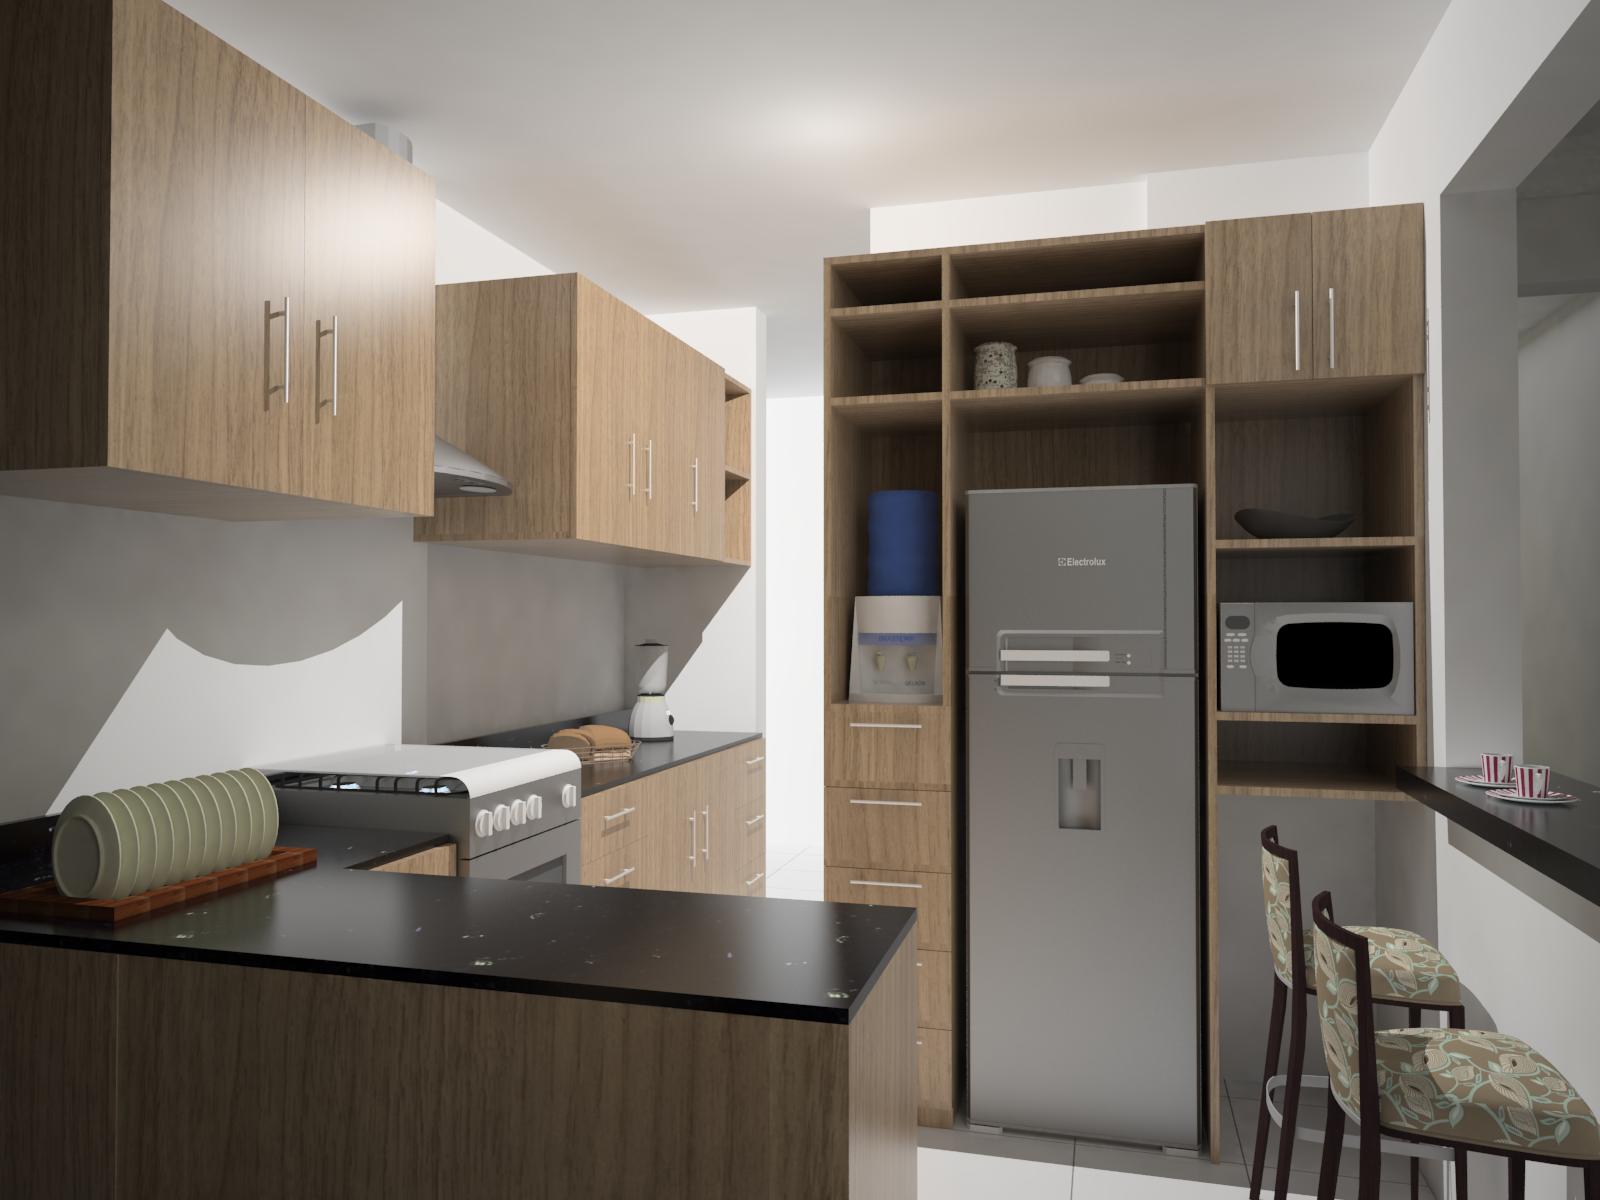 #323E5F Interiores – Apartamento  1600x1200 px Projeto Cozinha Pequena Quadrada #2639 imagens